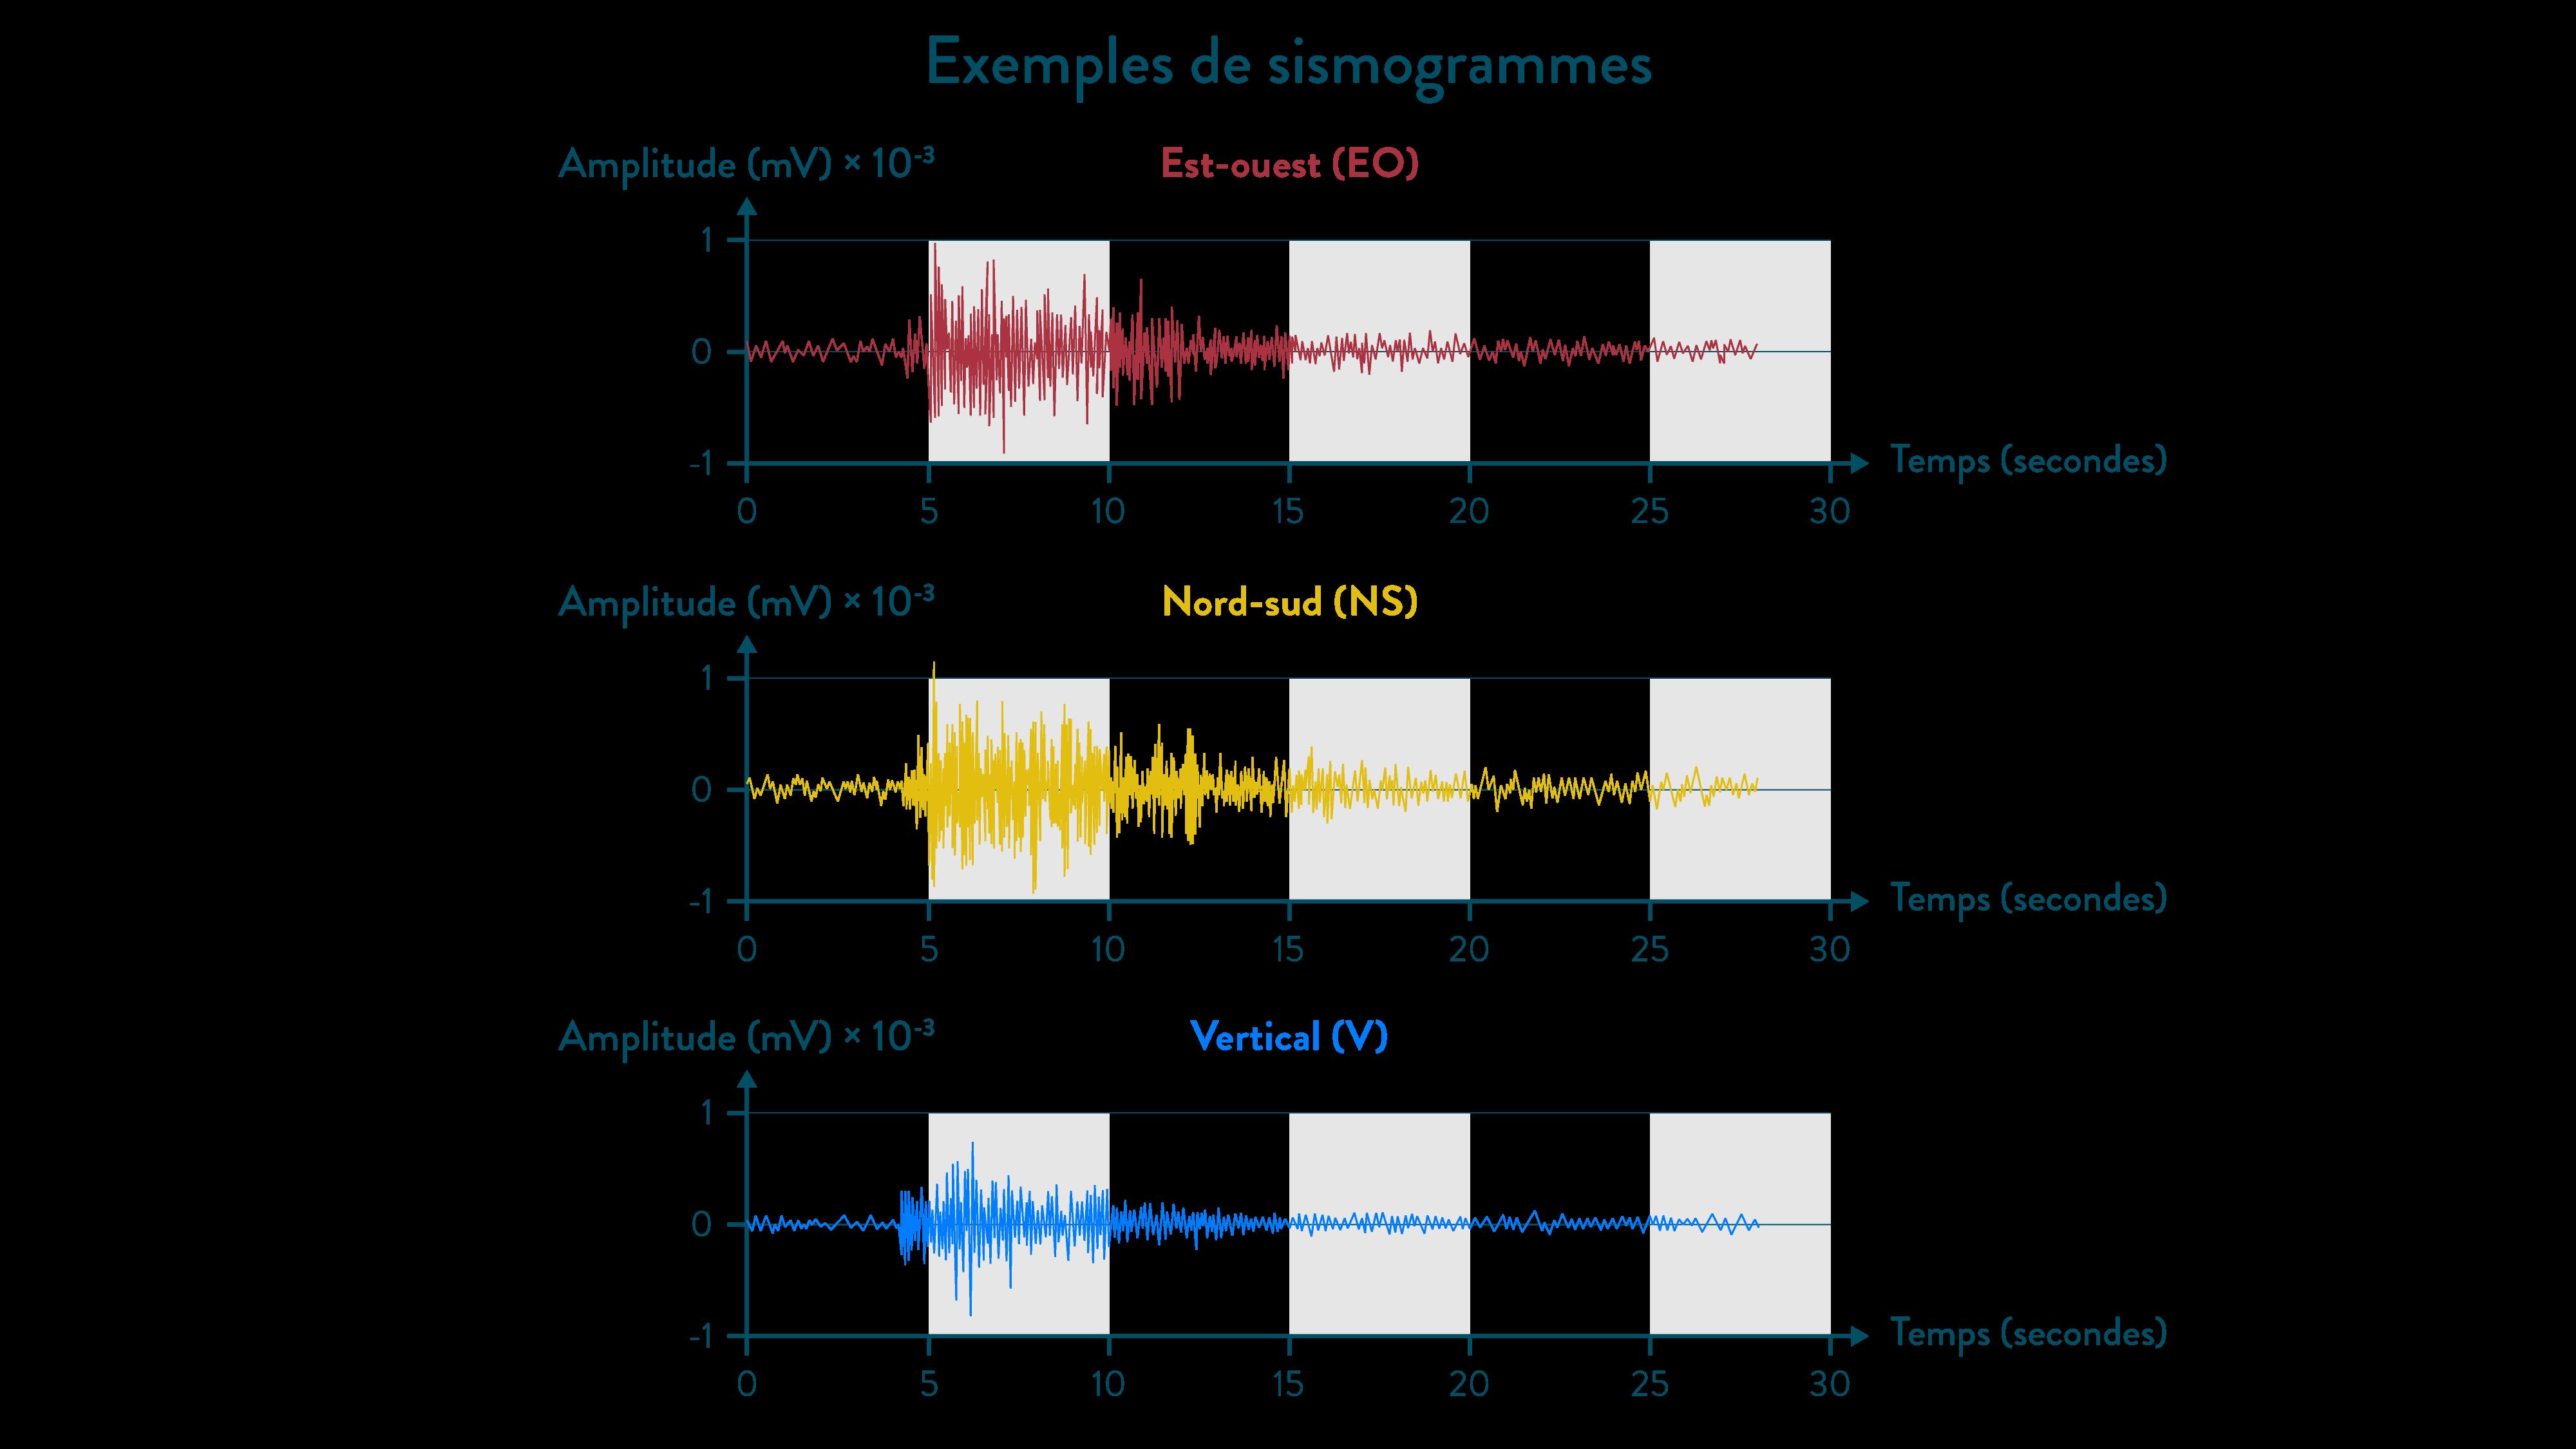 Exemples de sismogrammes